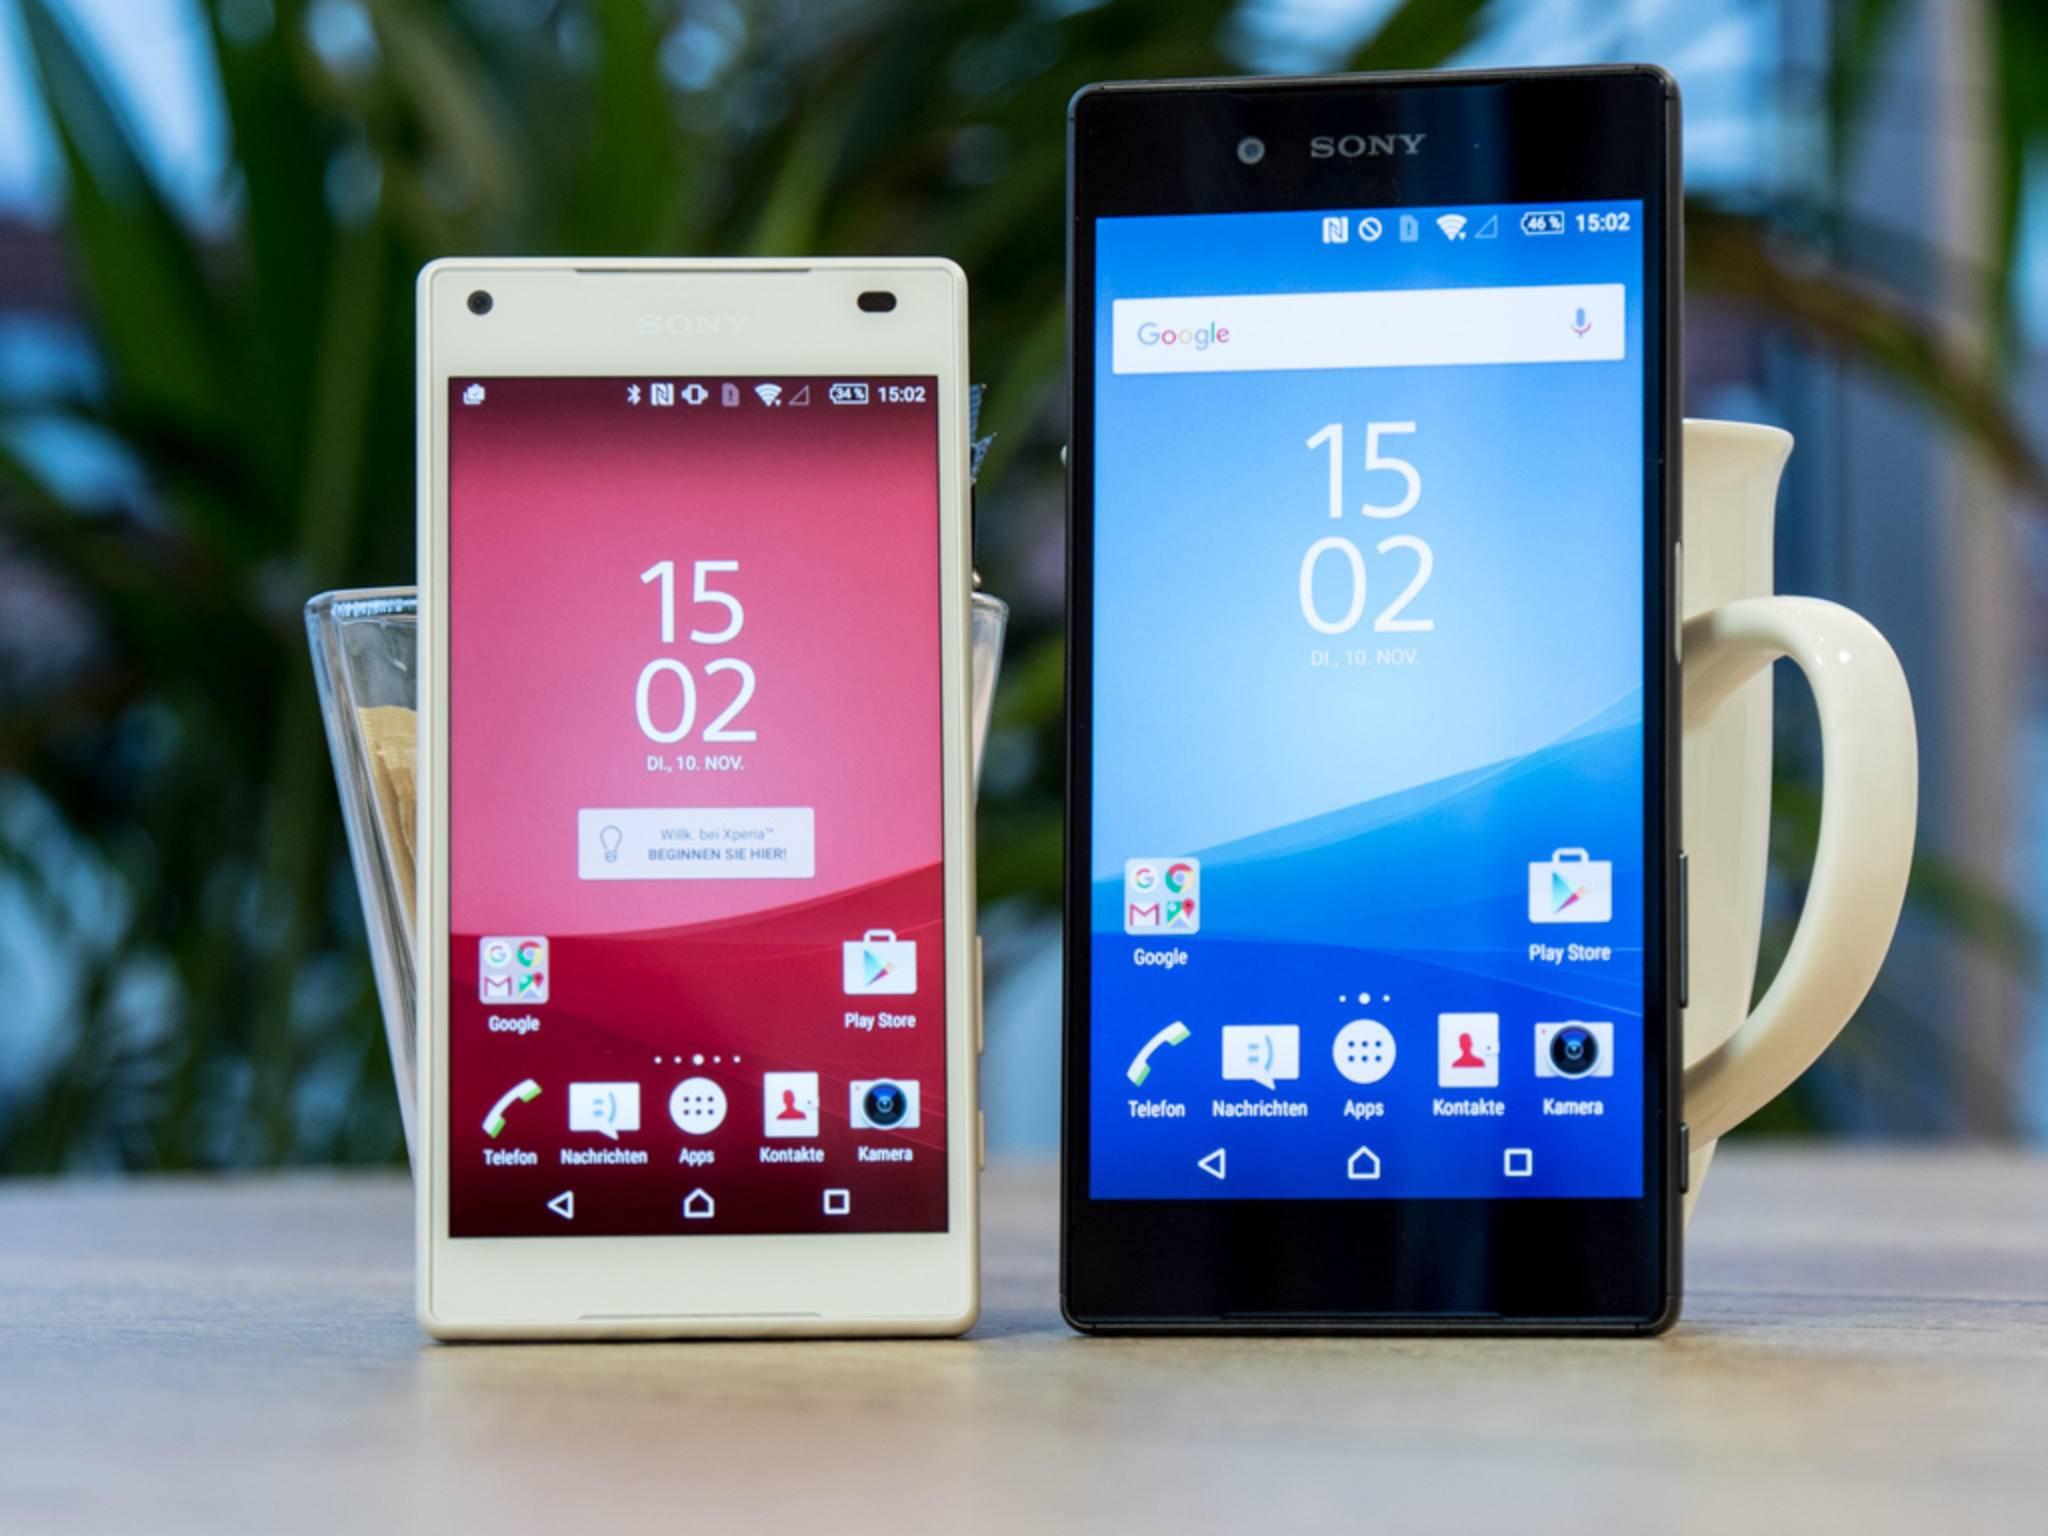 Der Rollout von Android 6.0 für die Xperia Z5-Smartphones dürfte bald beginnen.